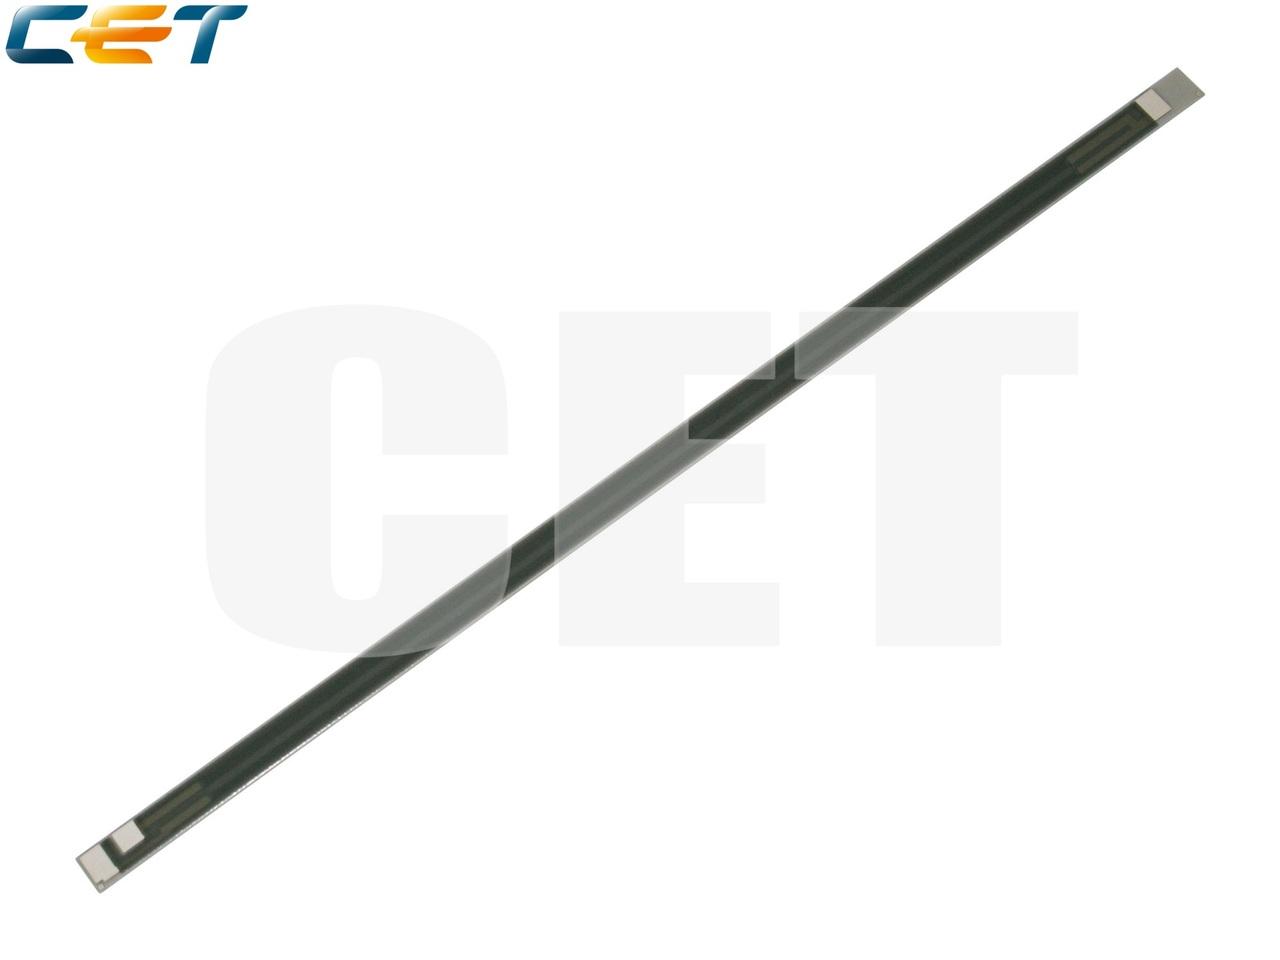 Нагревательный элемент для HP LaserJet Enterprise 600M601/M602/M603/M604/M605/M606/M630 (CET), CET2426